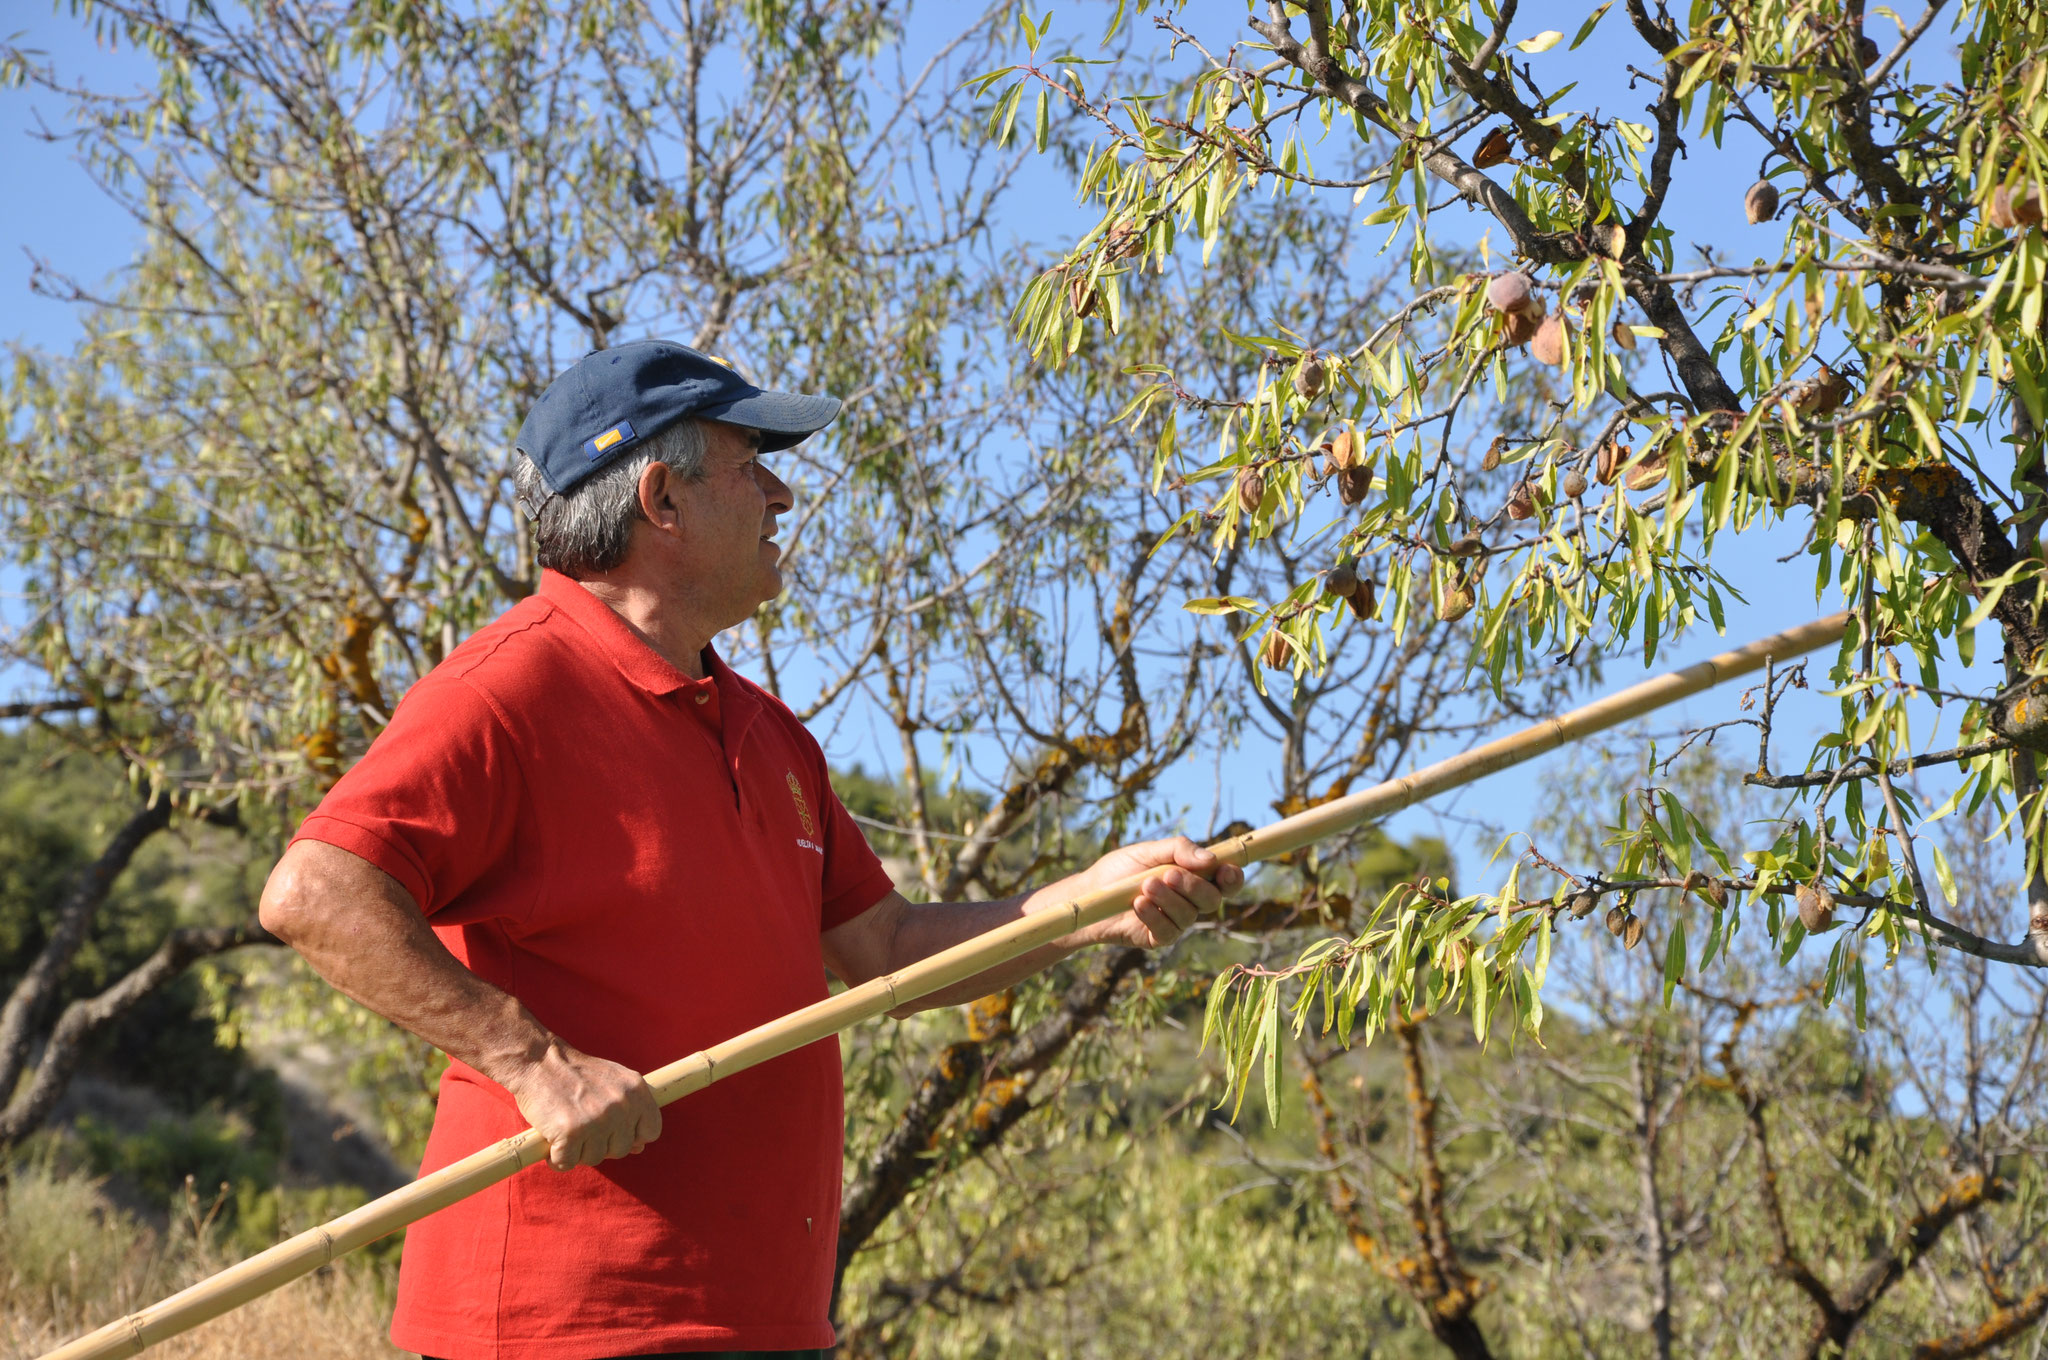 1º Bis - Utilisation des cannes creuses d'autrefois pour cajoler l'arbre par un contact chaleureux et harmonieux.